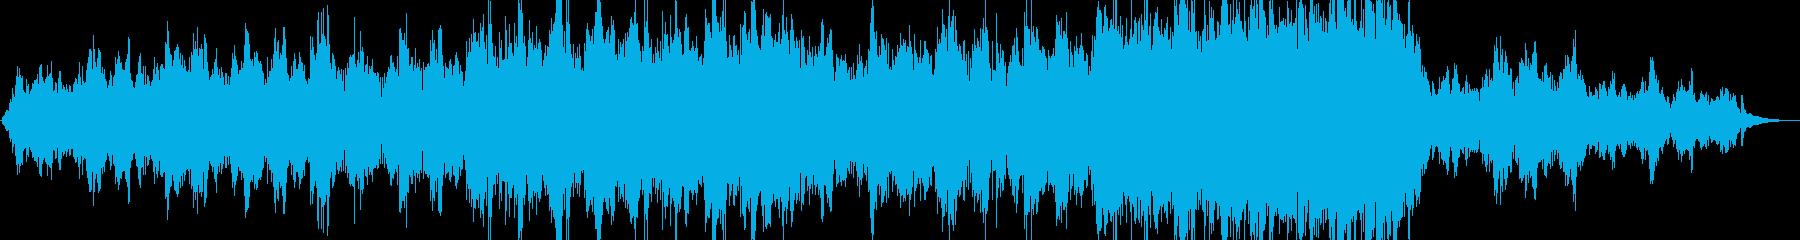 涙を誘う感じのハッピーなピアノBGMの再生済みの波形